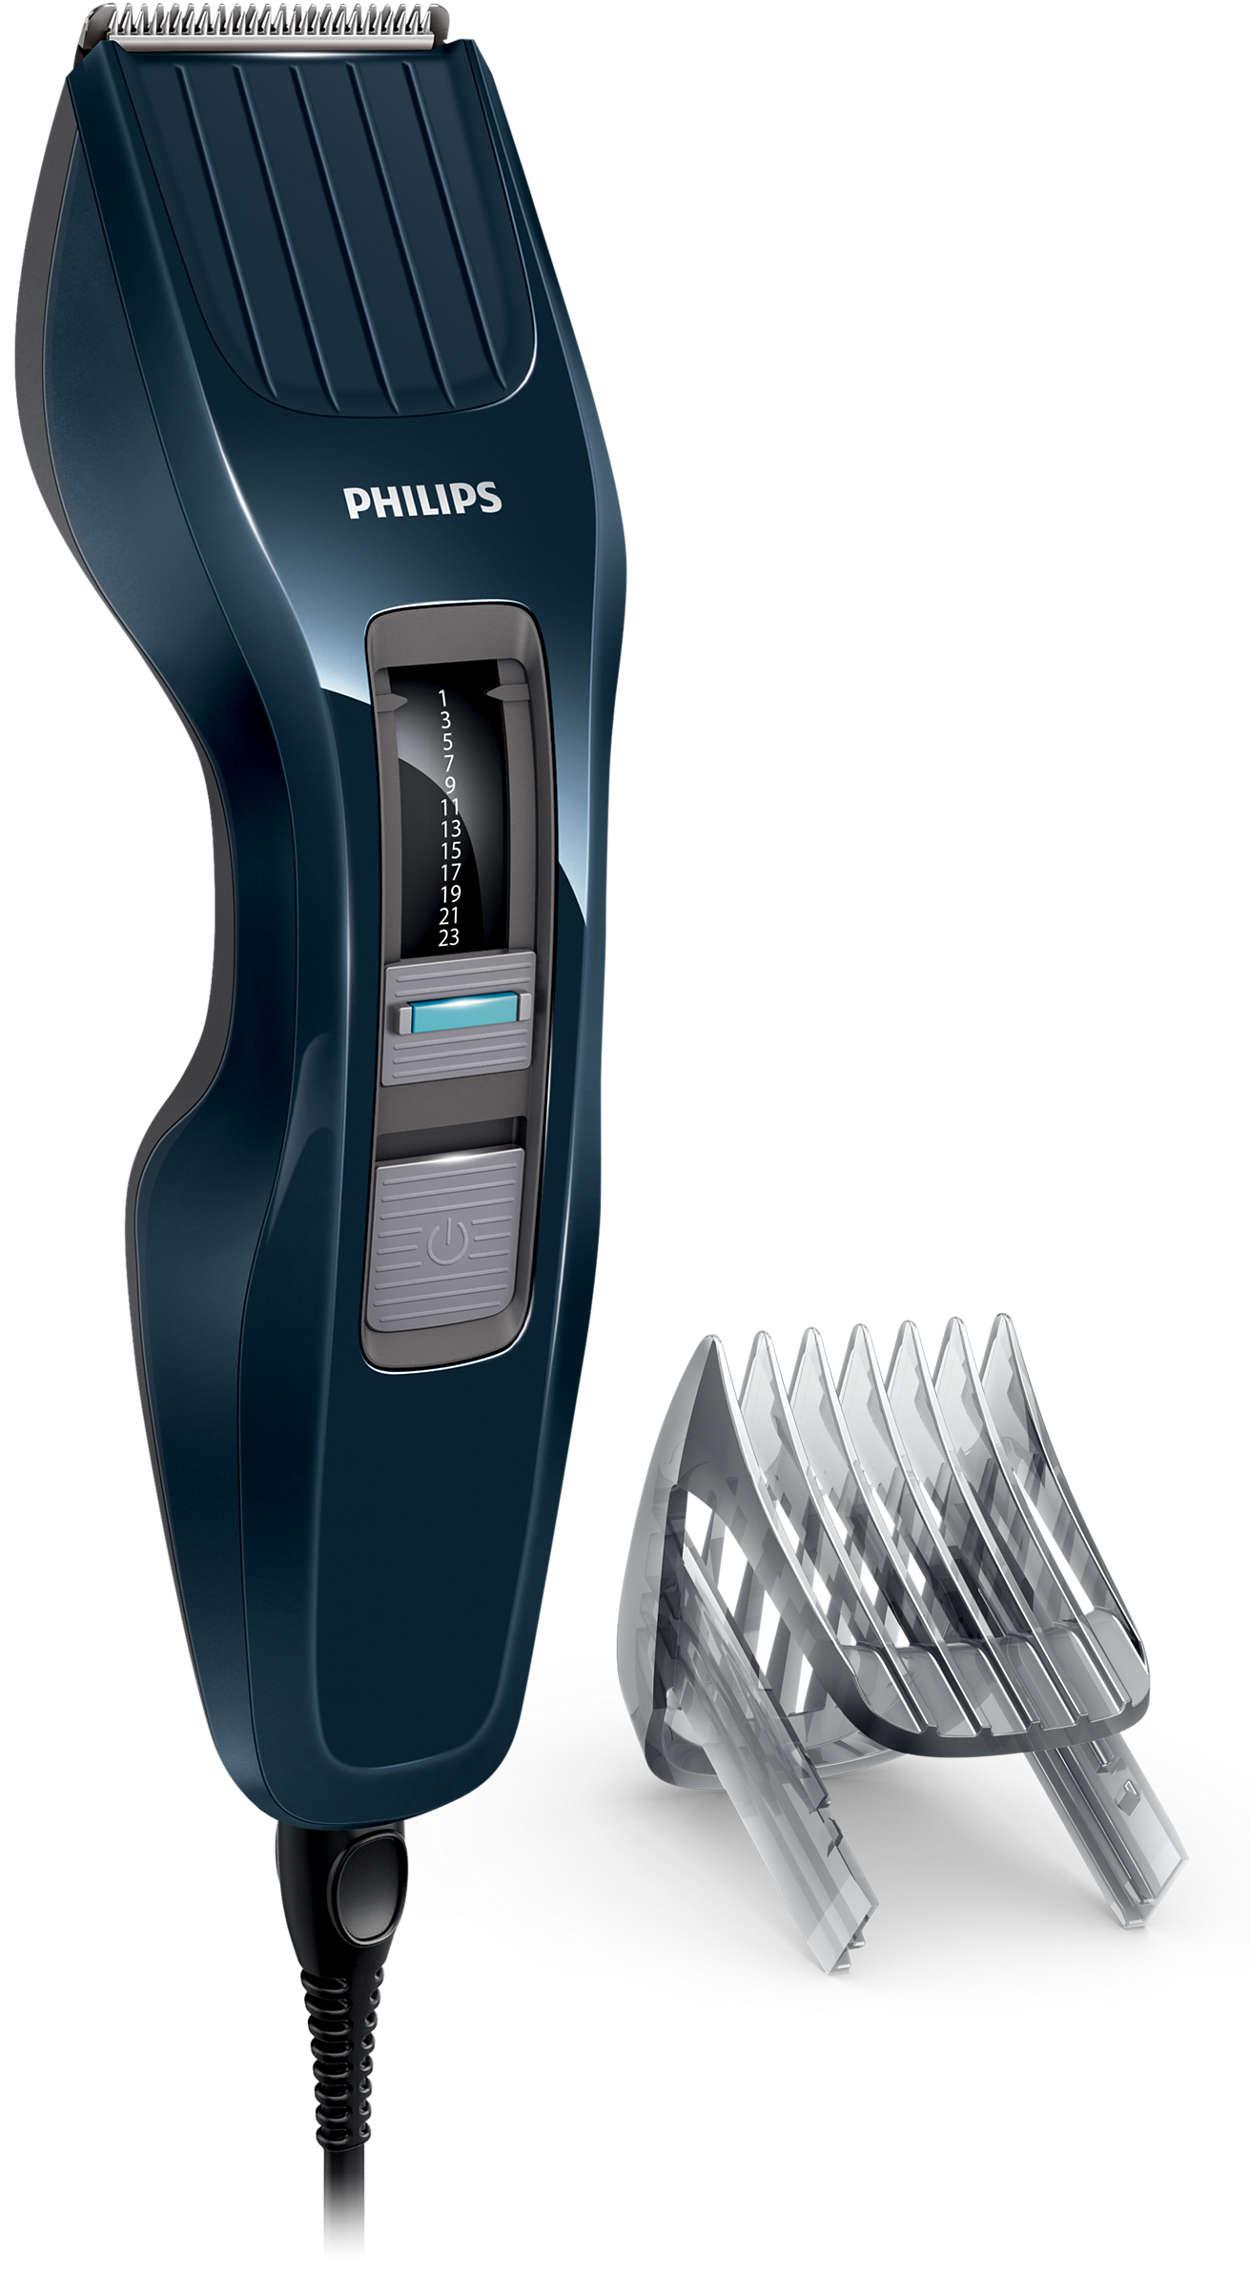 HAIRCLIPPER 3000-serien – klipper dobbelt så raskt*